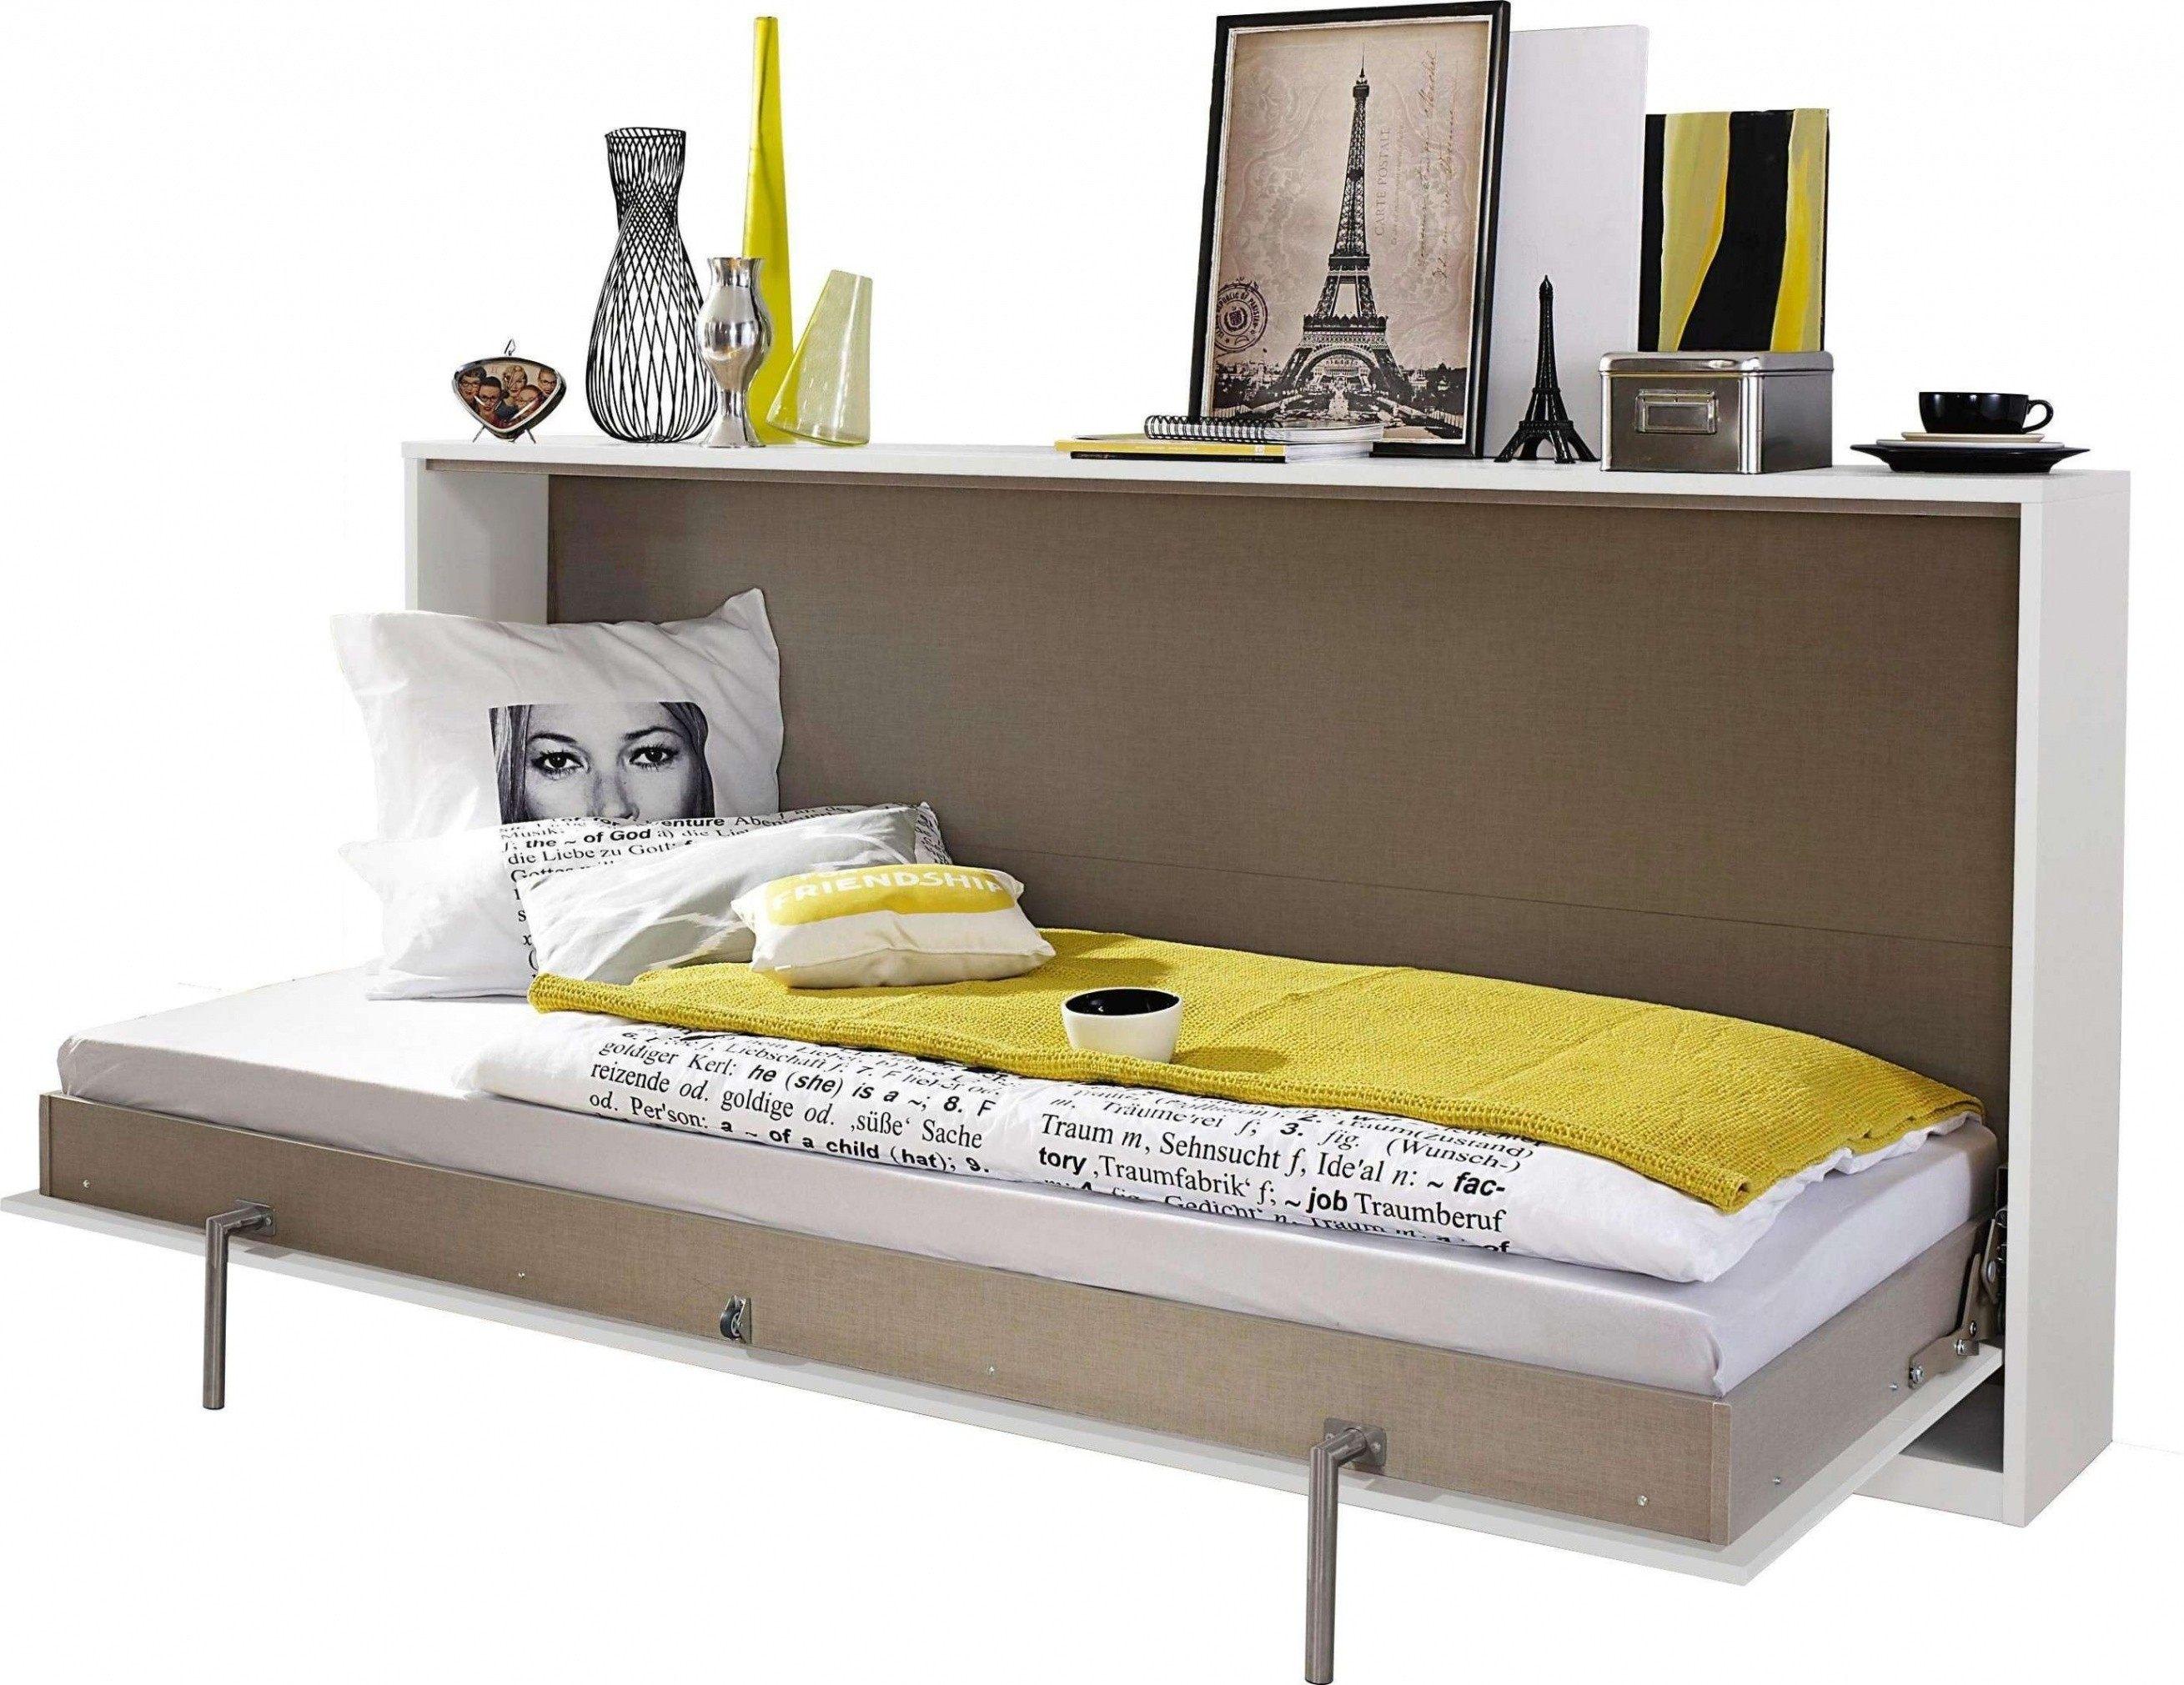 Lit Rond Ikea De Luxe Lit Rond Ikea Le Meilleur De sove Lit 180 Cm — sovedis Aquatabs